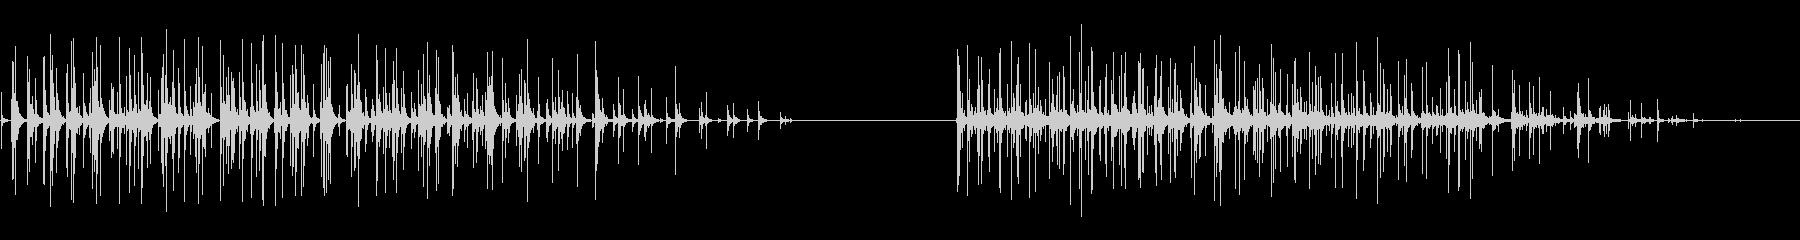 拍手、グループ、拍手、2つのバージ...の未再生の波形